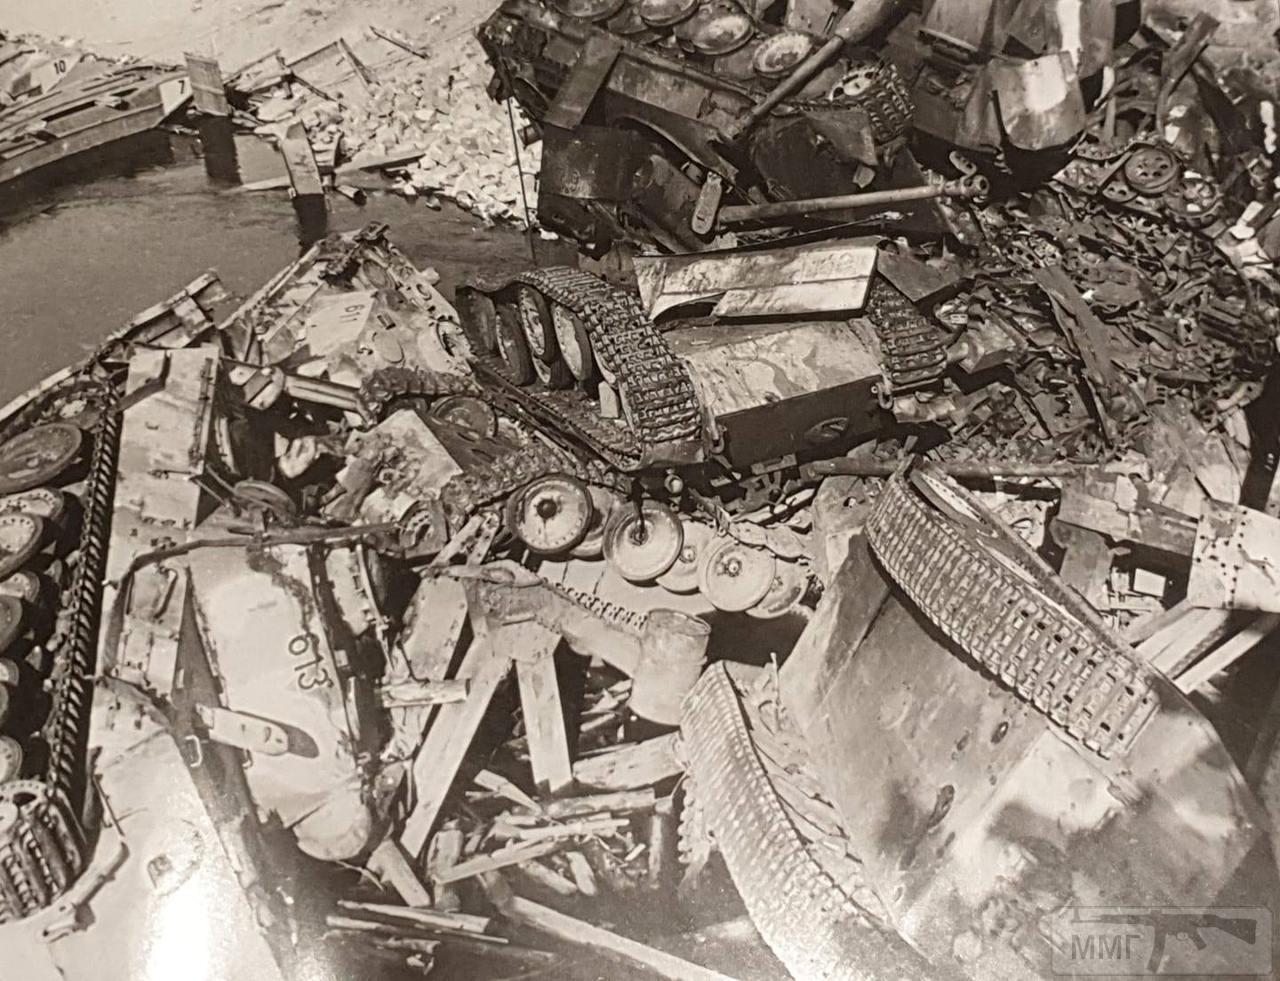 84034 - Achtung Panzer!